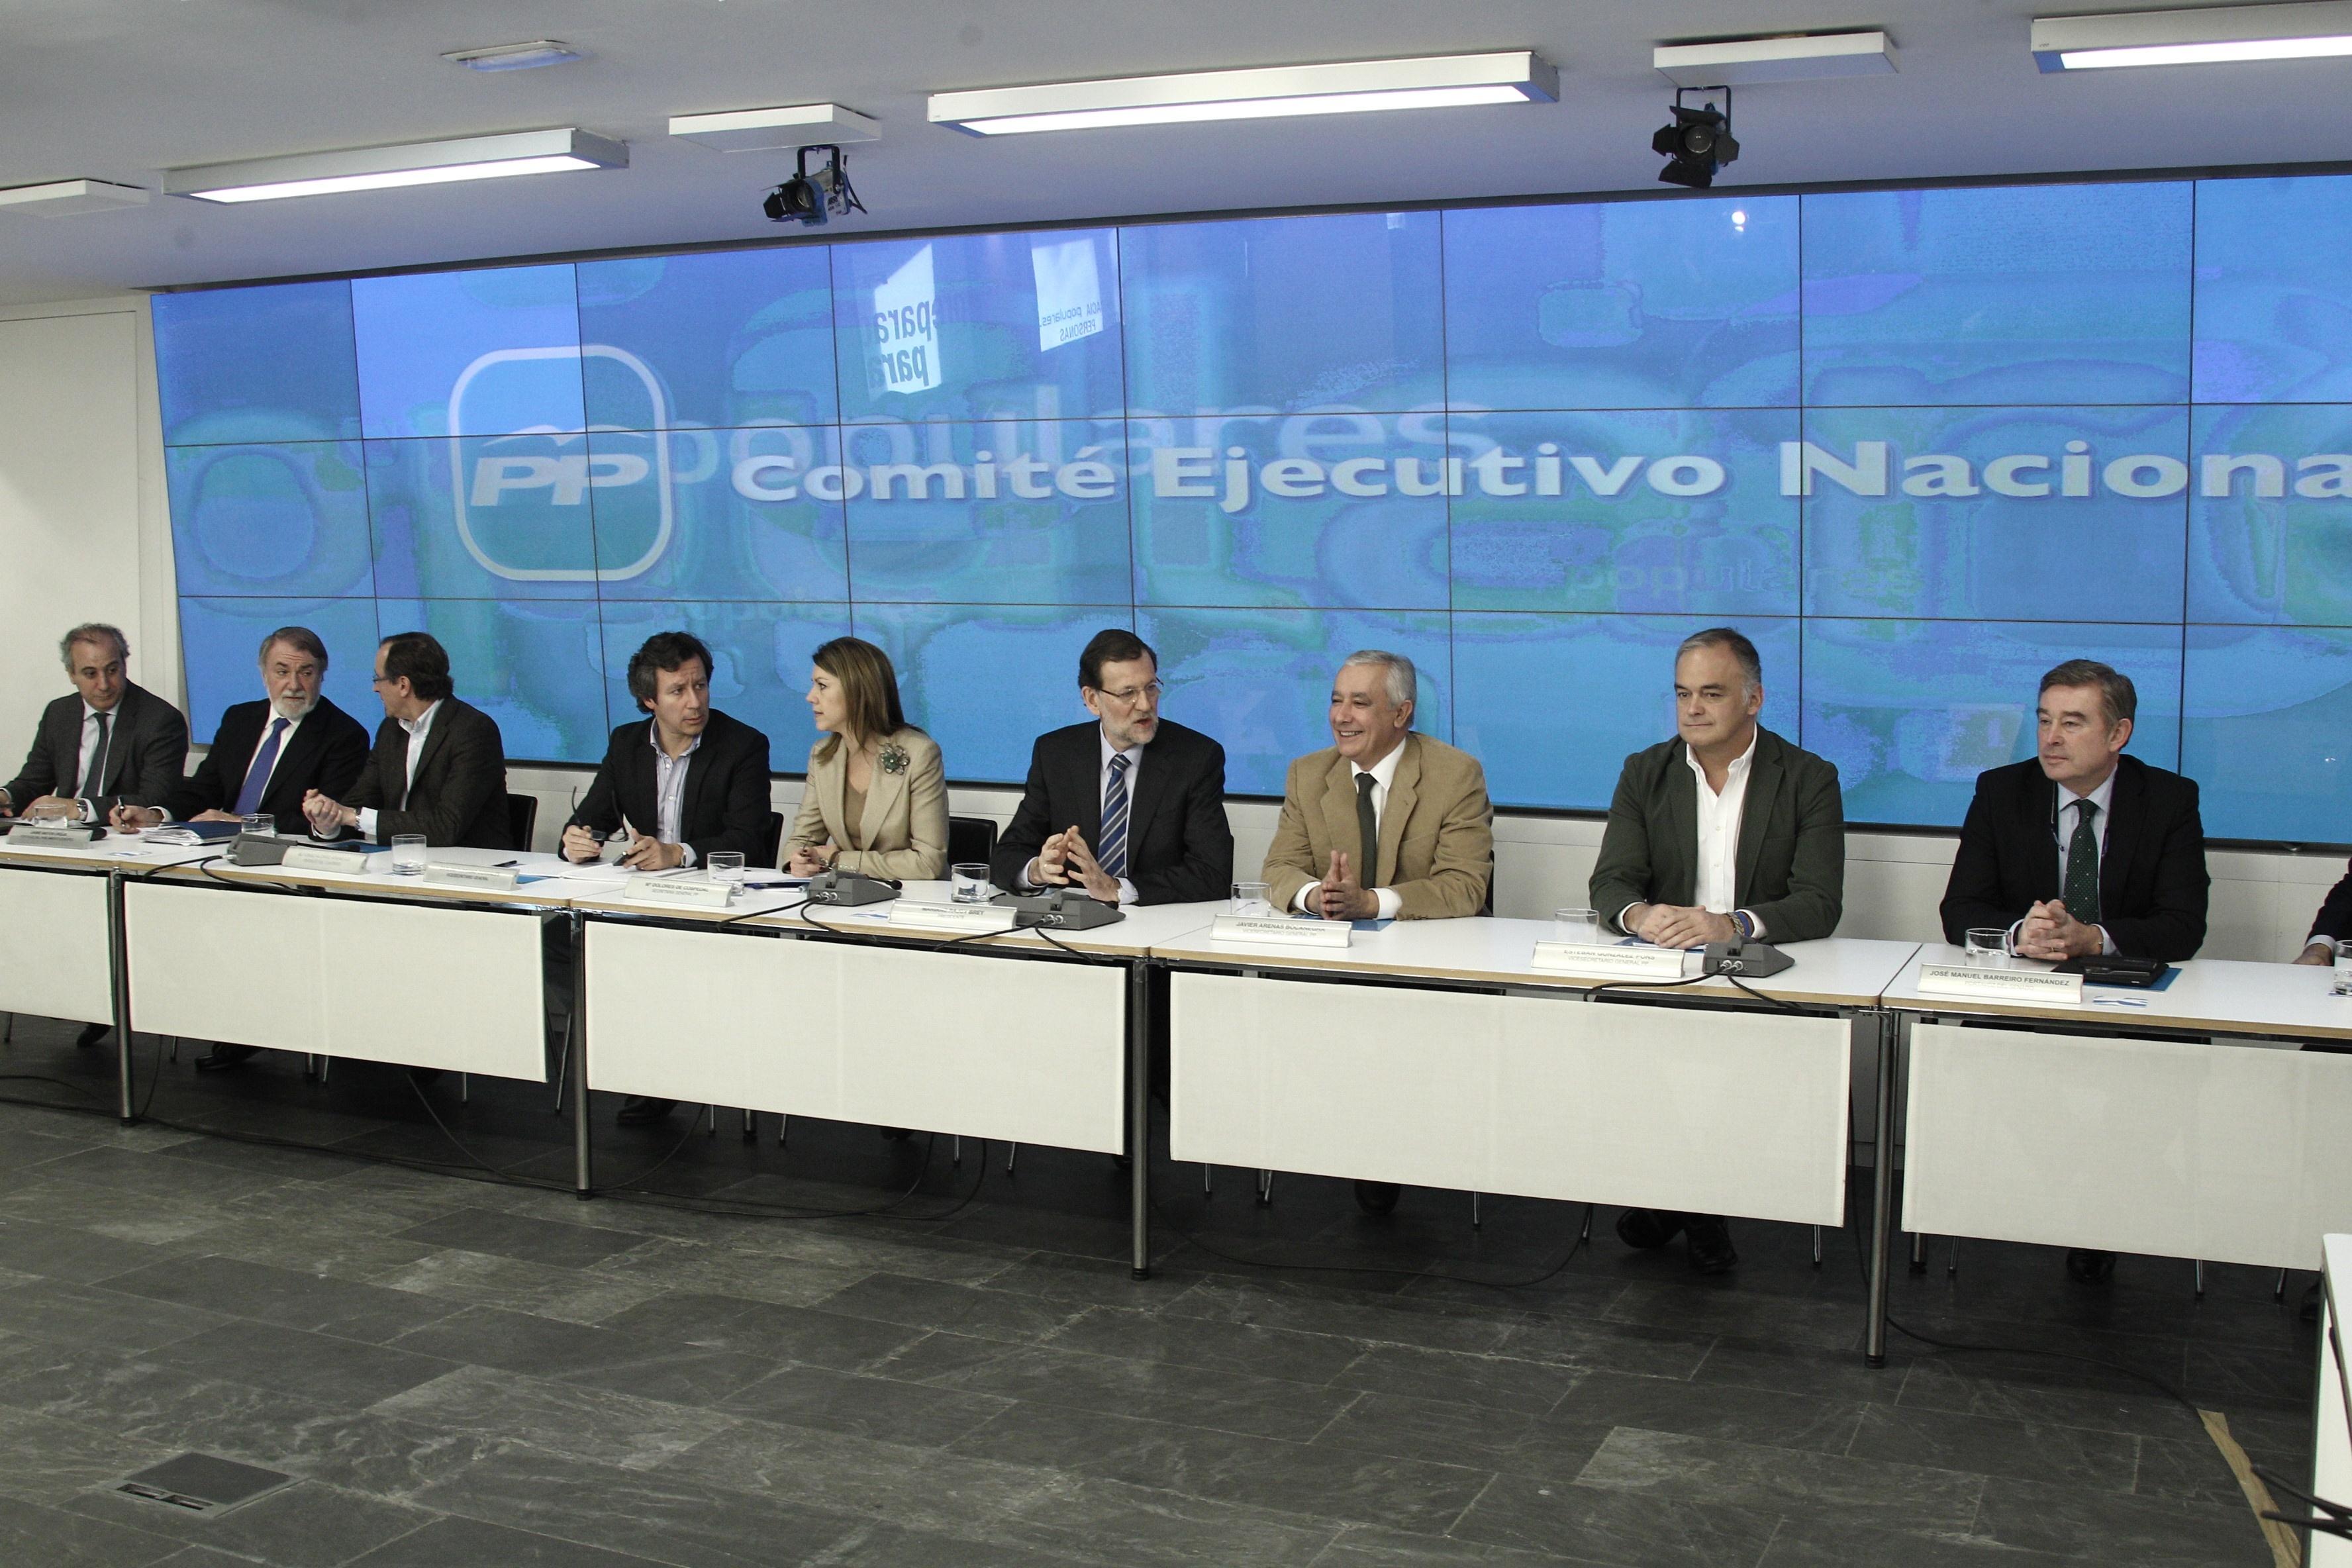 Aznar reaparece hoy en FAES y Rajoy convoca a la cúpula del PP en plena tormenta por el encarcelamiento de Bárcenas